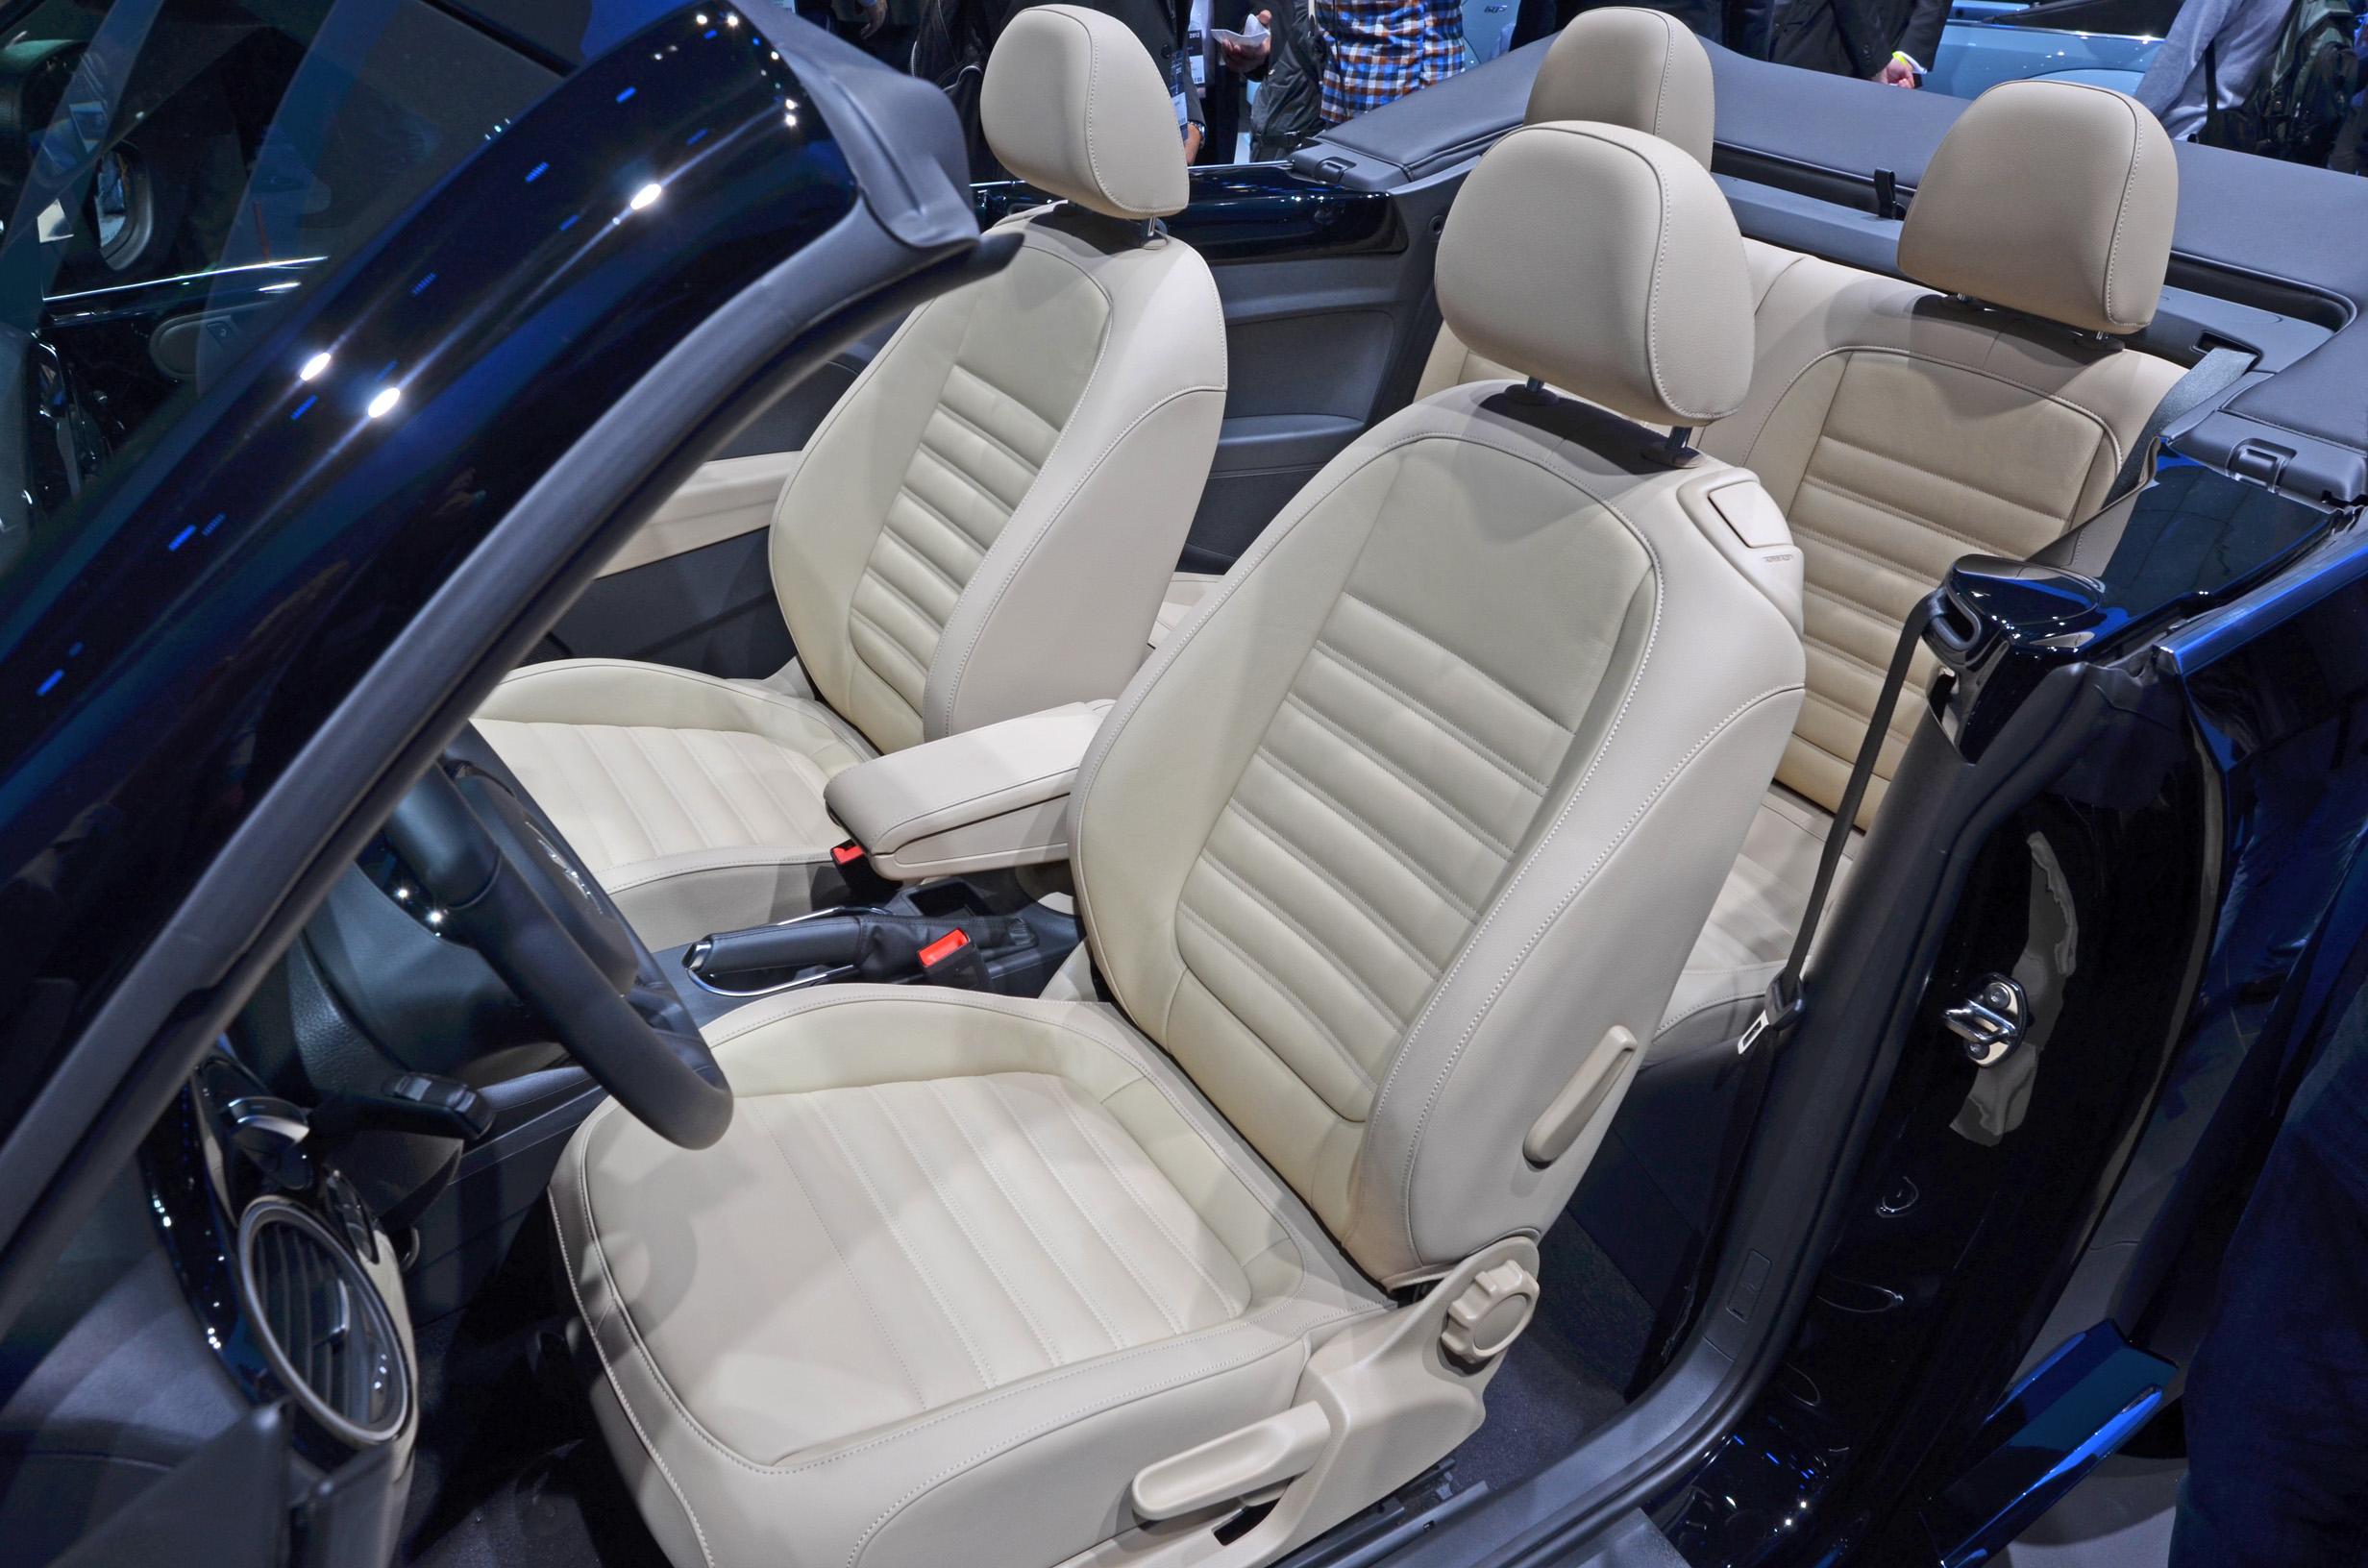 volkswagen-beetle-convertible-022